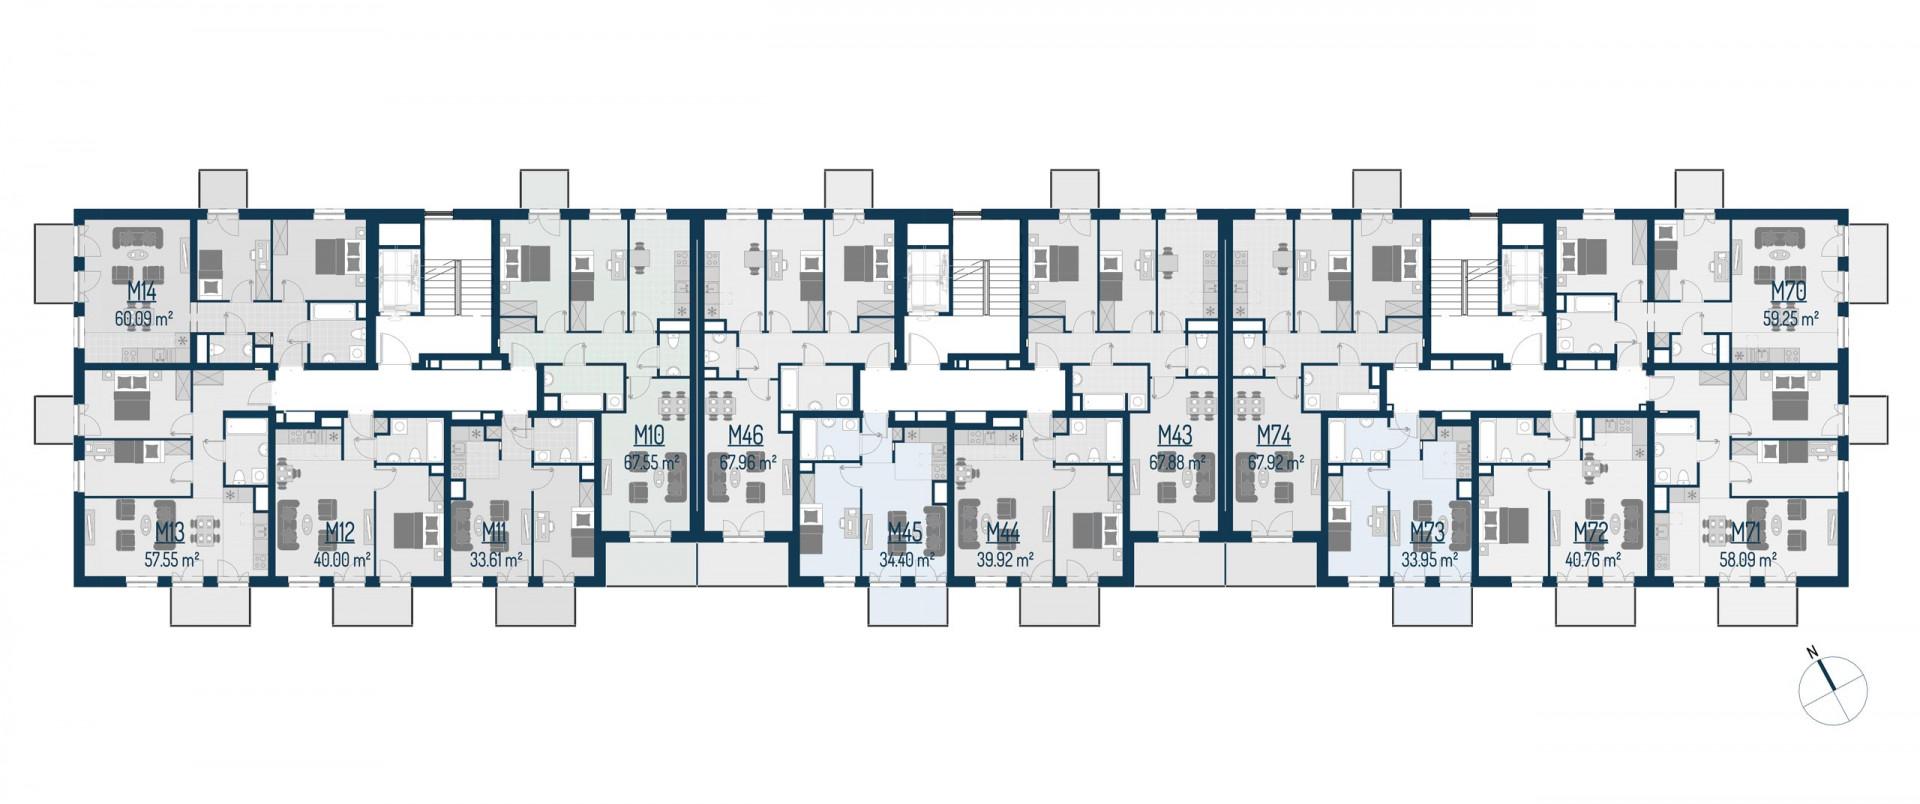 Zdrowe Stylove / budynek 1 / mieszkanie nr M10 rzut 2